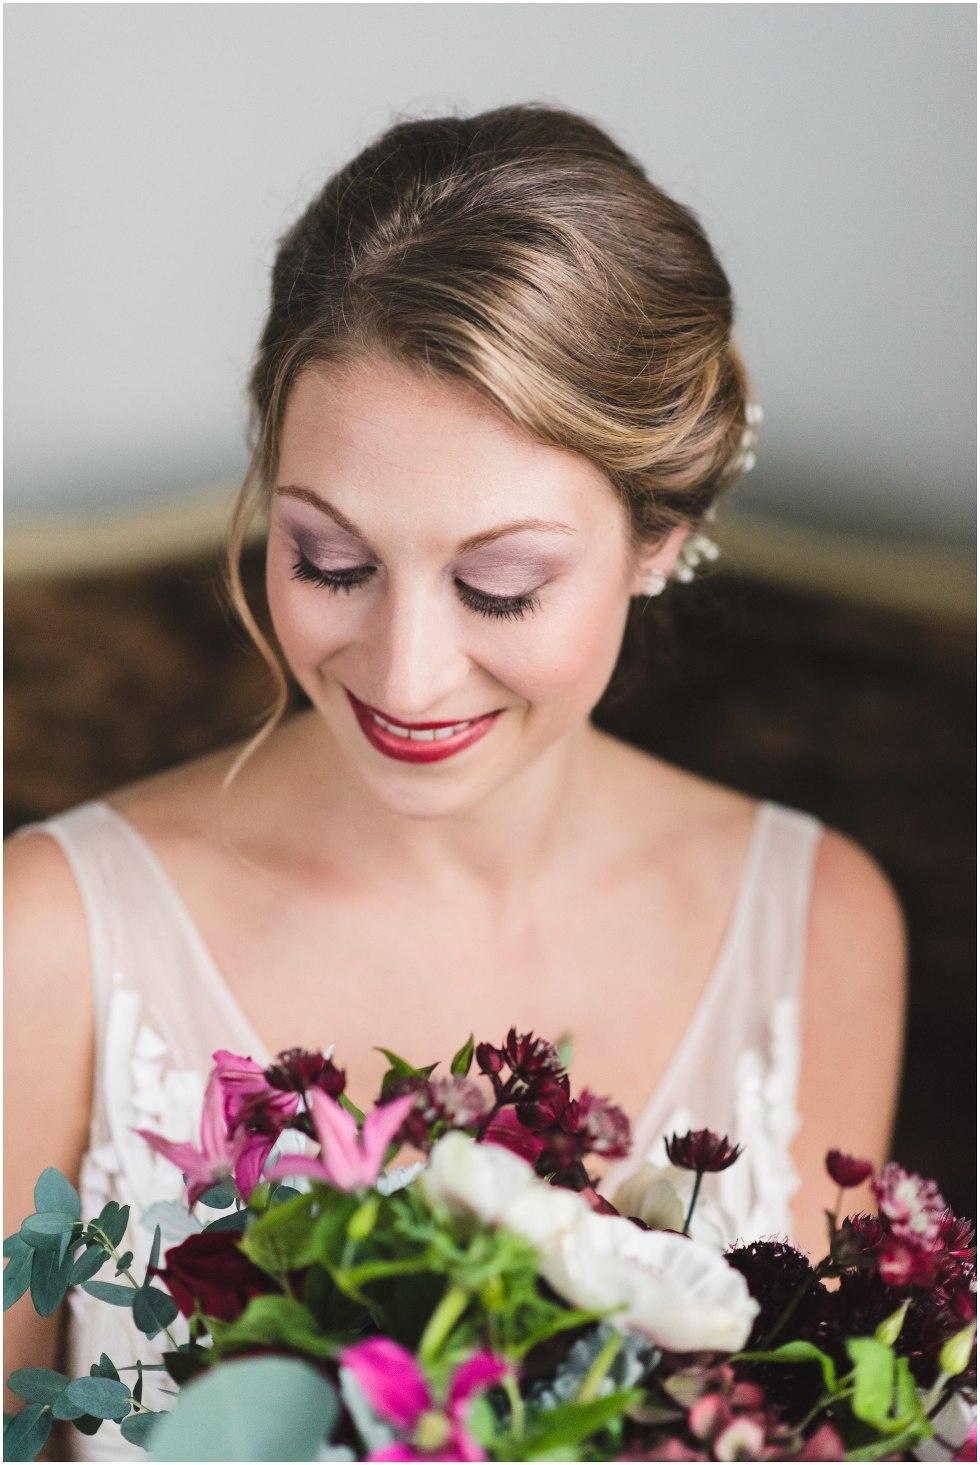 Burroughes wedding photos, Toronto wedding photography